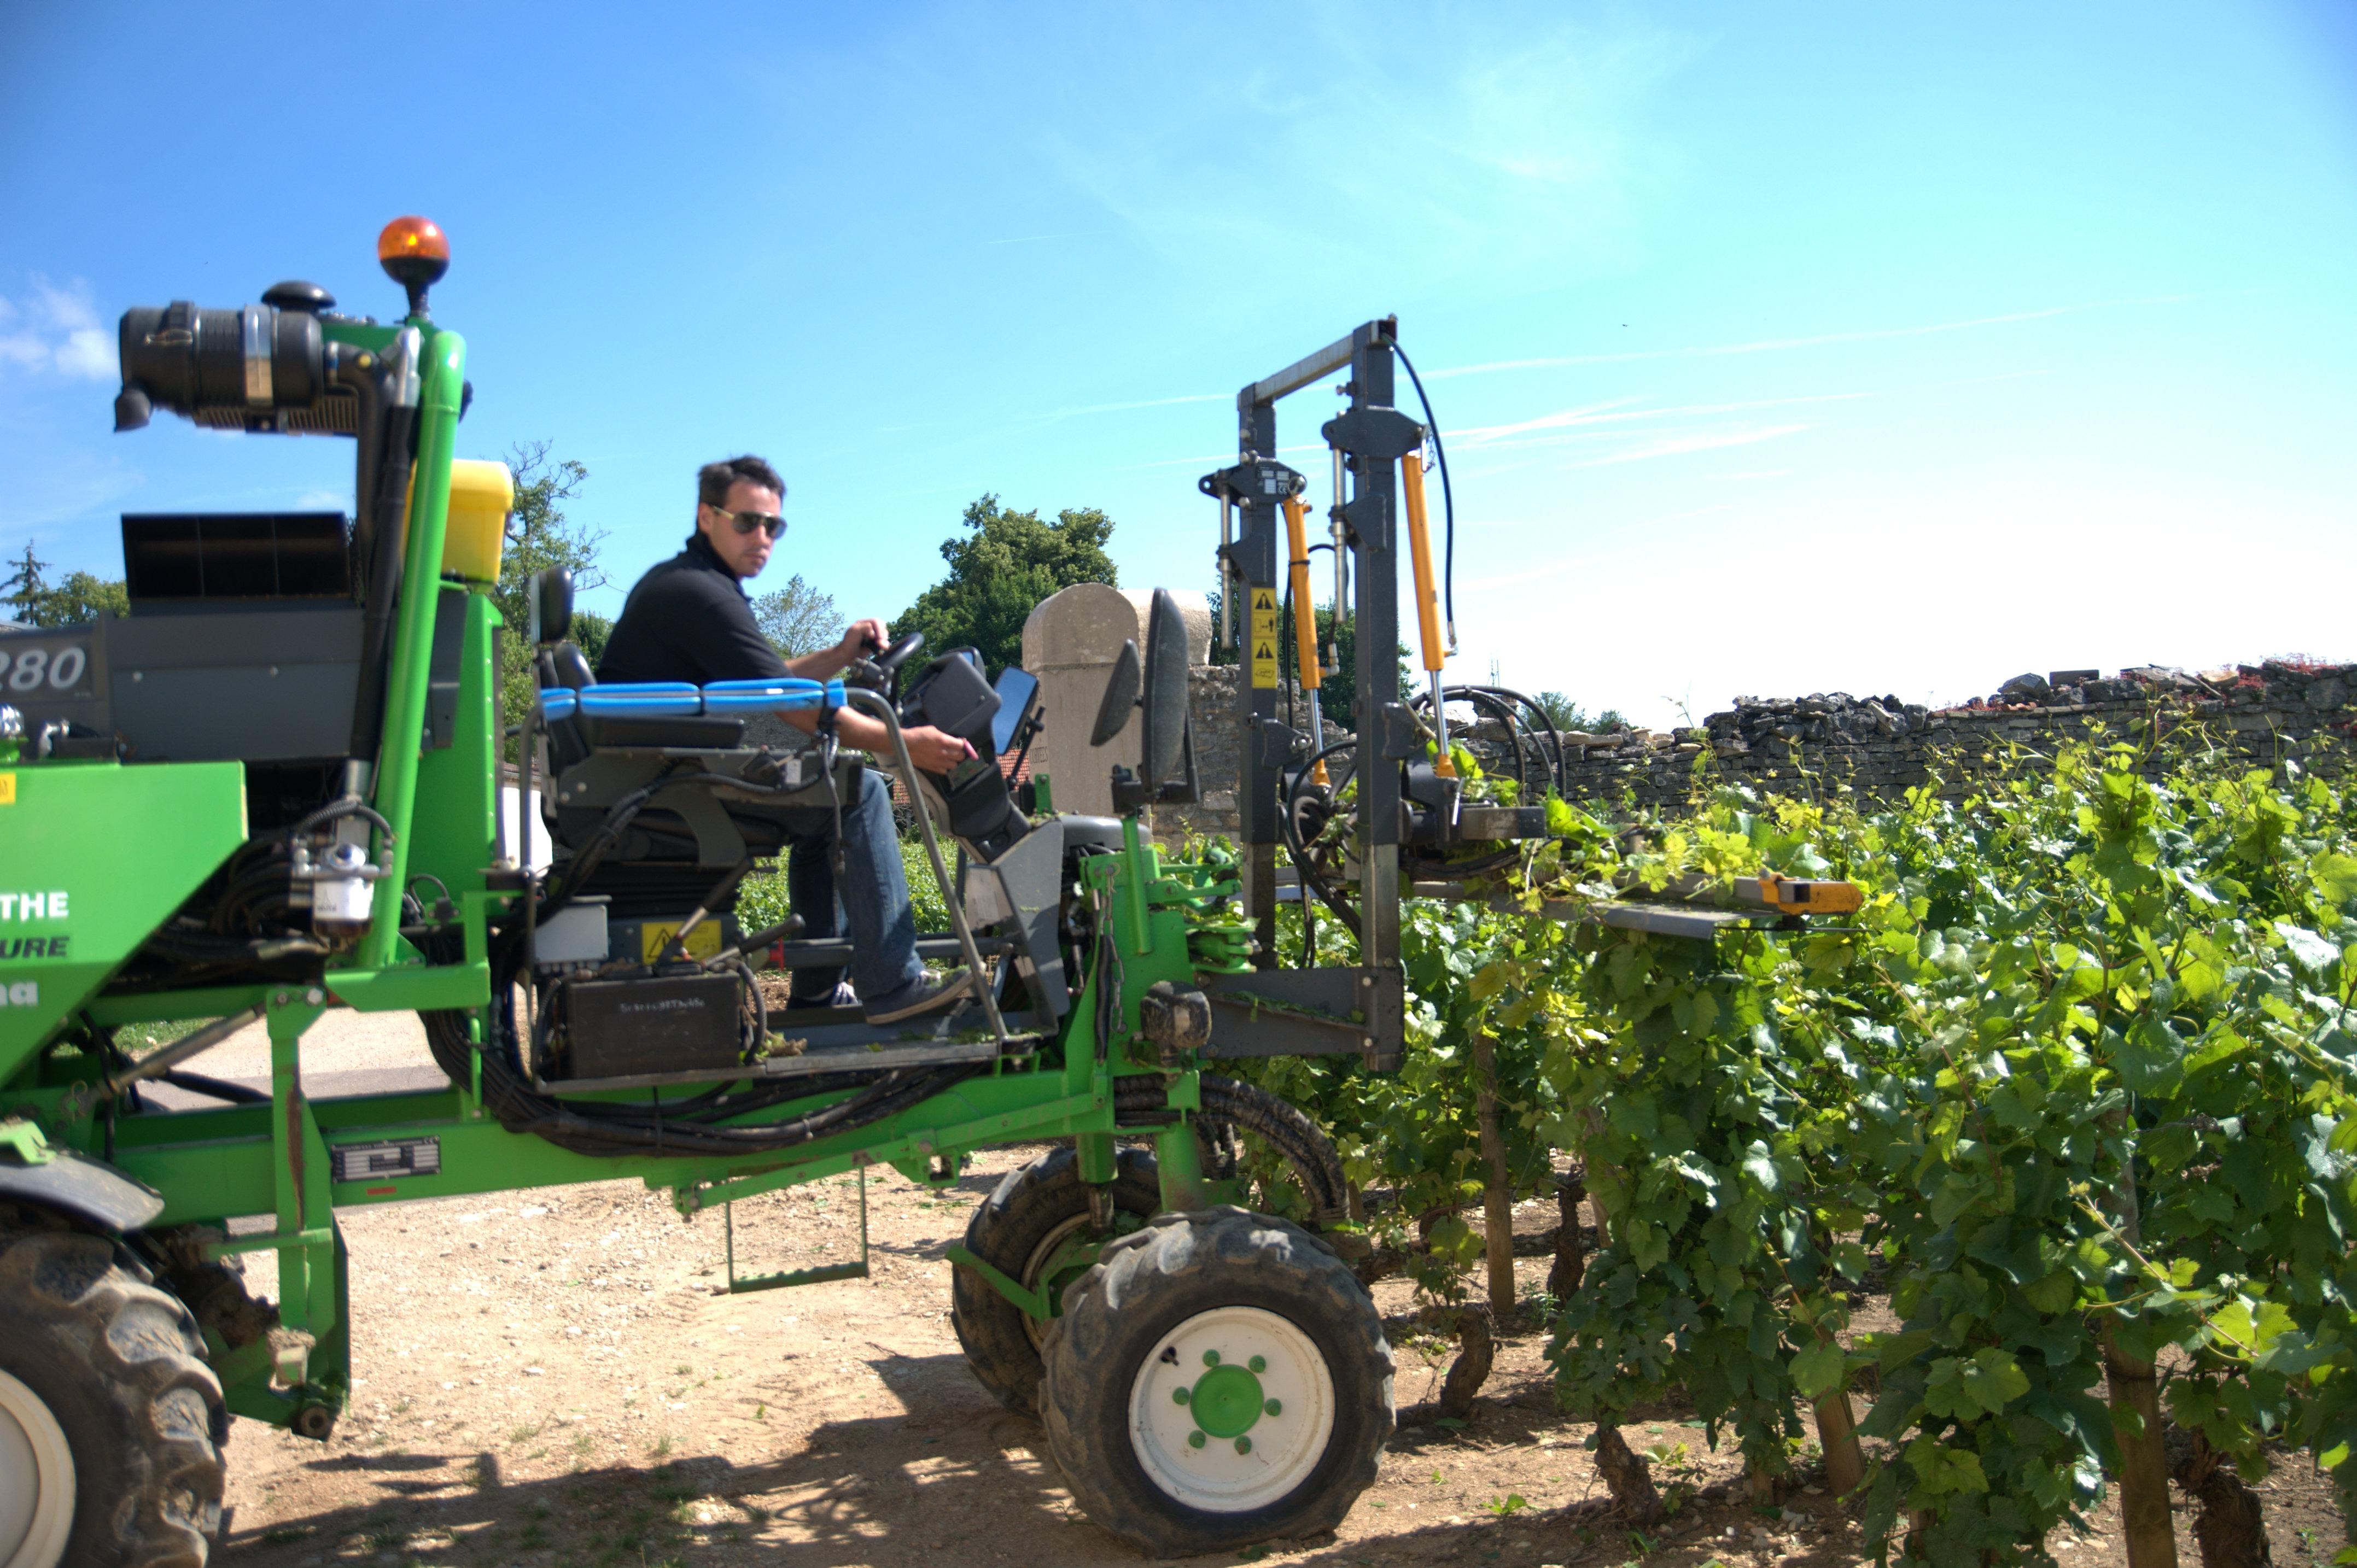 Le rognage, (ici début juillet) est l'action de supprimer les parties supérieures de la vigne